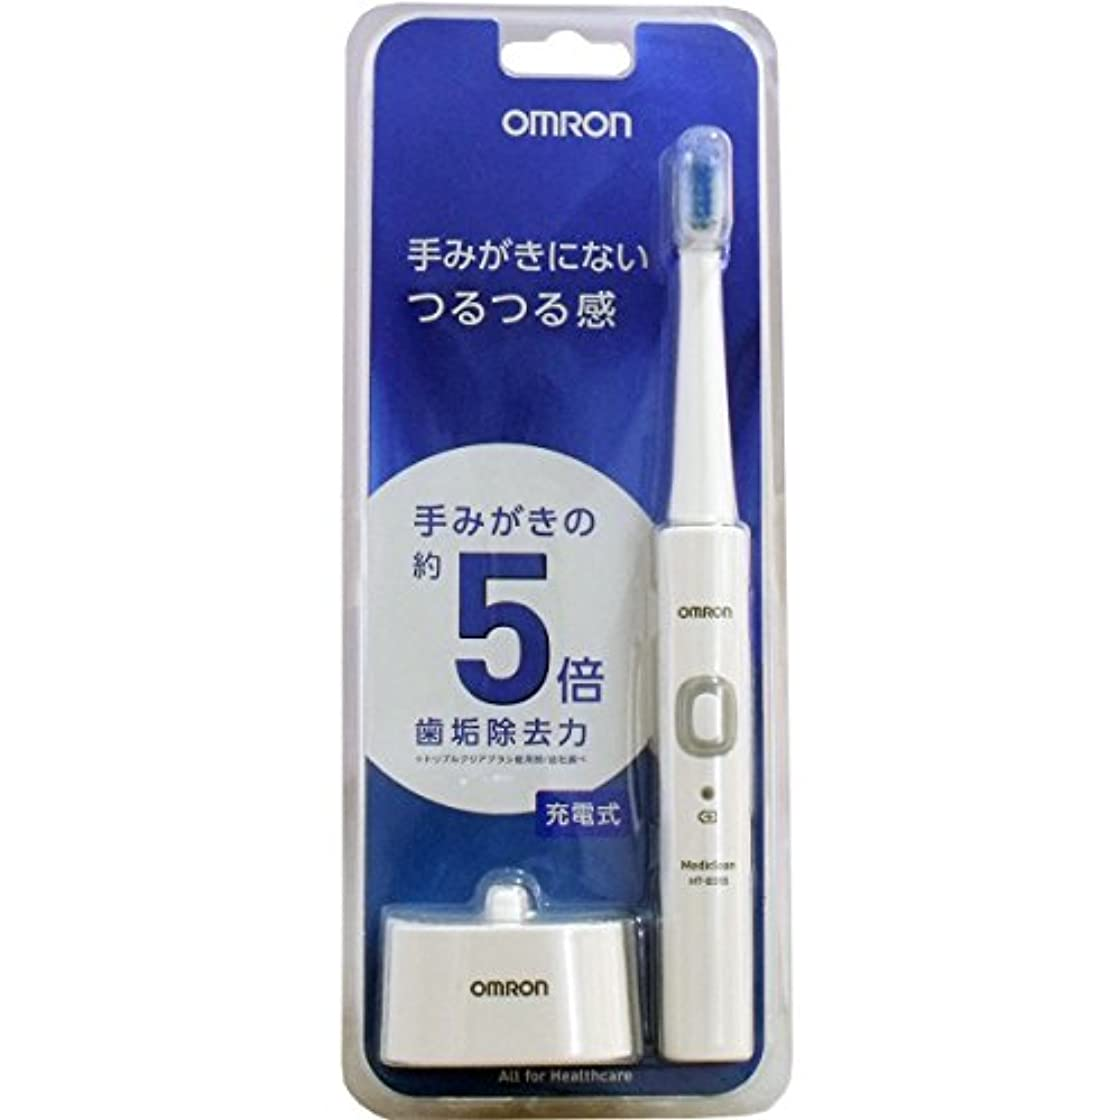 に対応憤るシチリアオムロン電動歯ブラシHT-B305-W